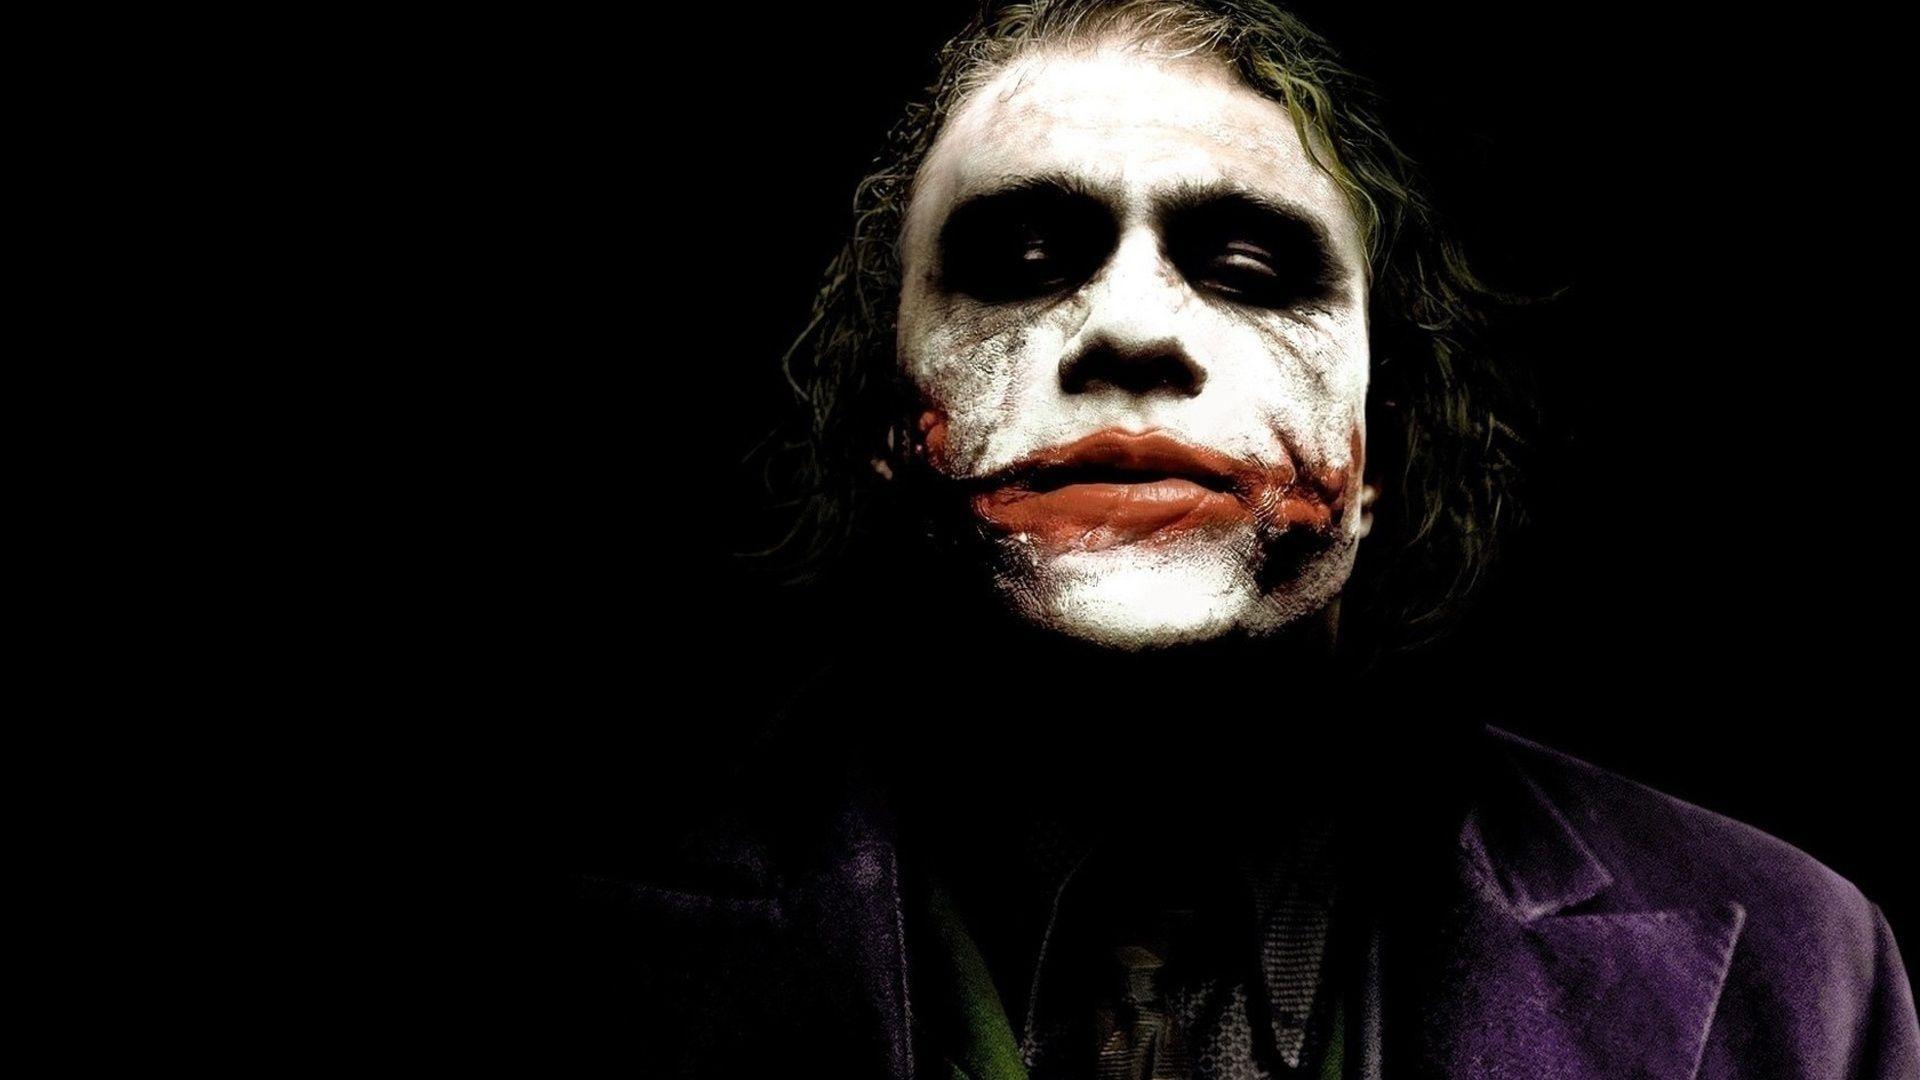 10 New Heath Ledger Joker Wallpapers Full Hd 1080p For Pc Background Heath Ledger Joker Wallpaper Joker Wallpapers Heath Ledger Joker